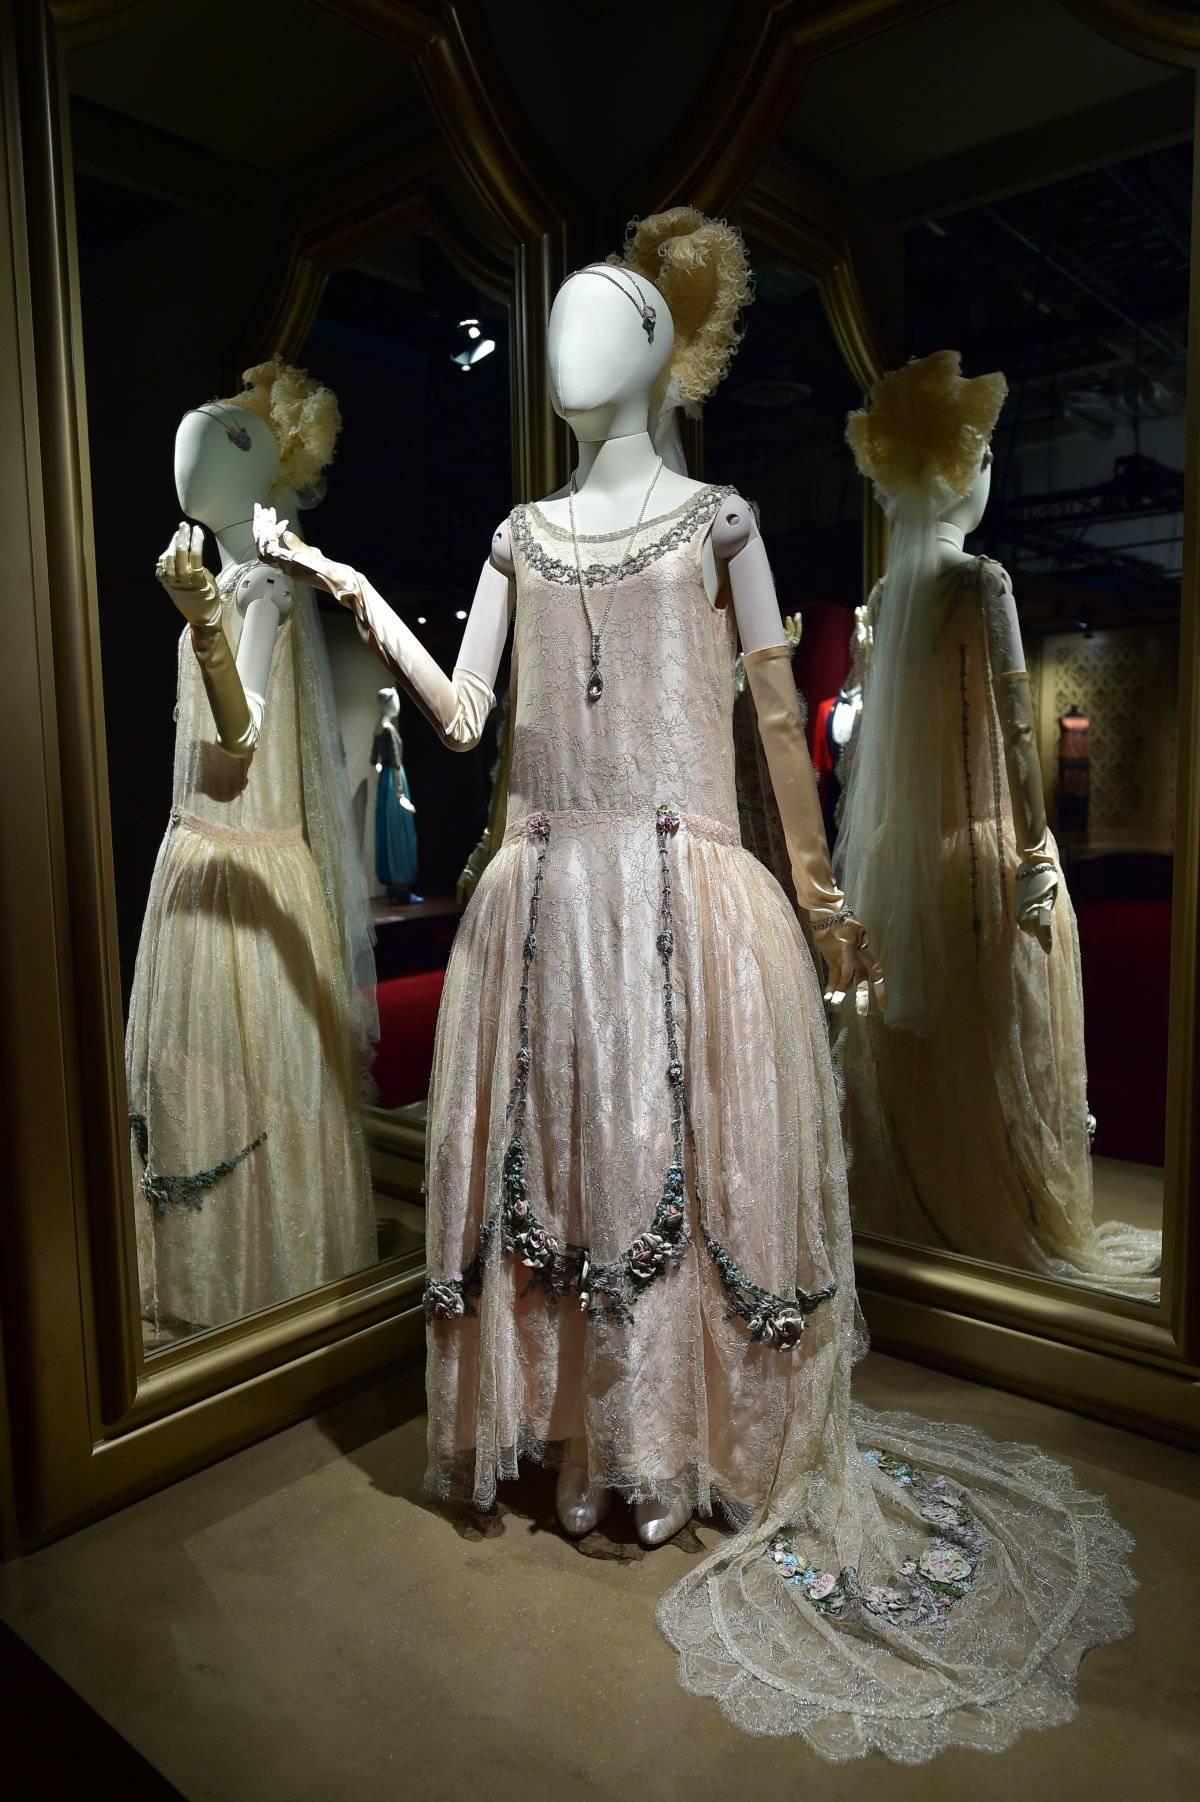 Este es el vestido del debut de Lady Rose ante el rey Jorge V.